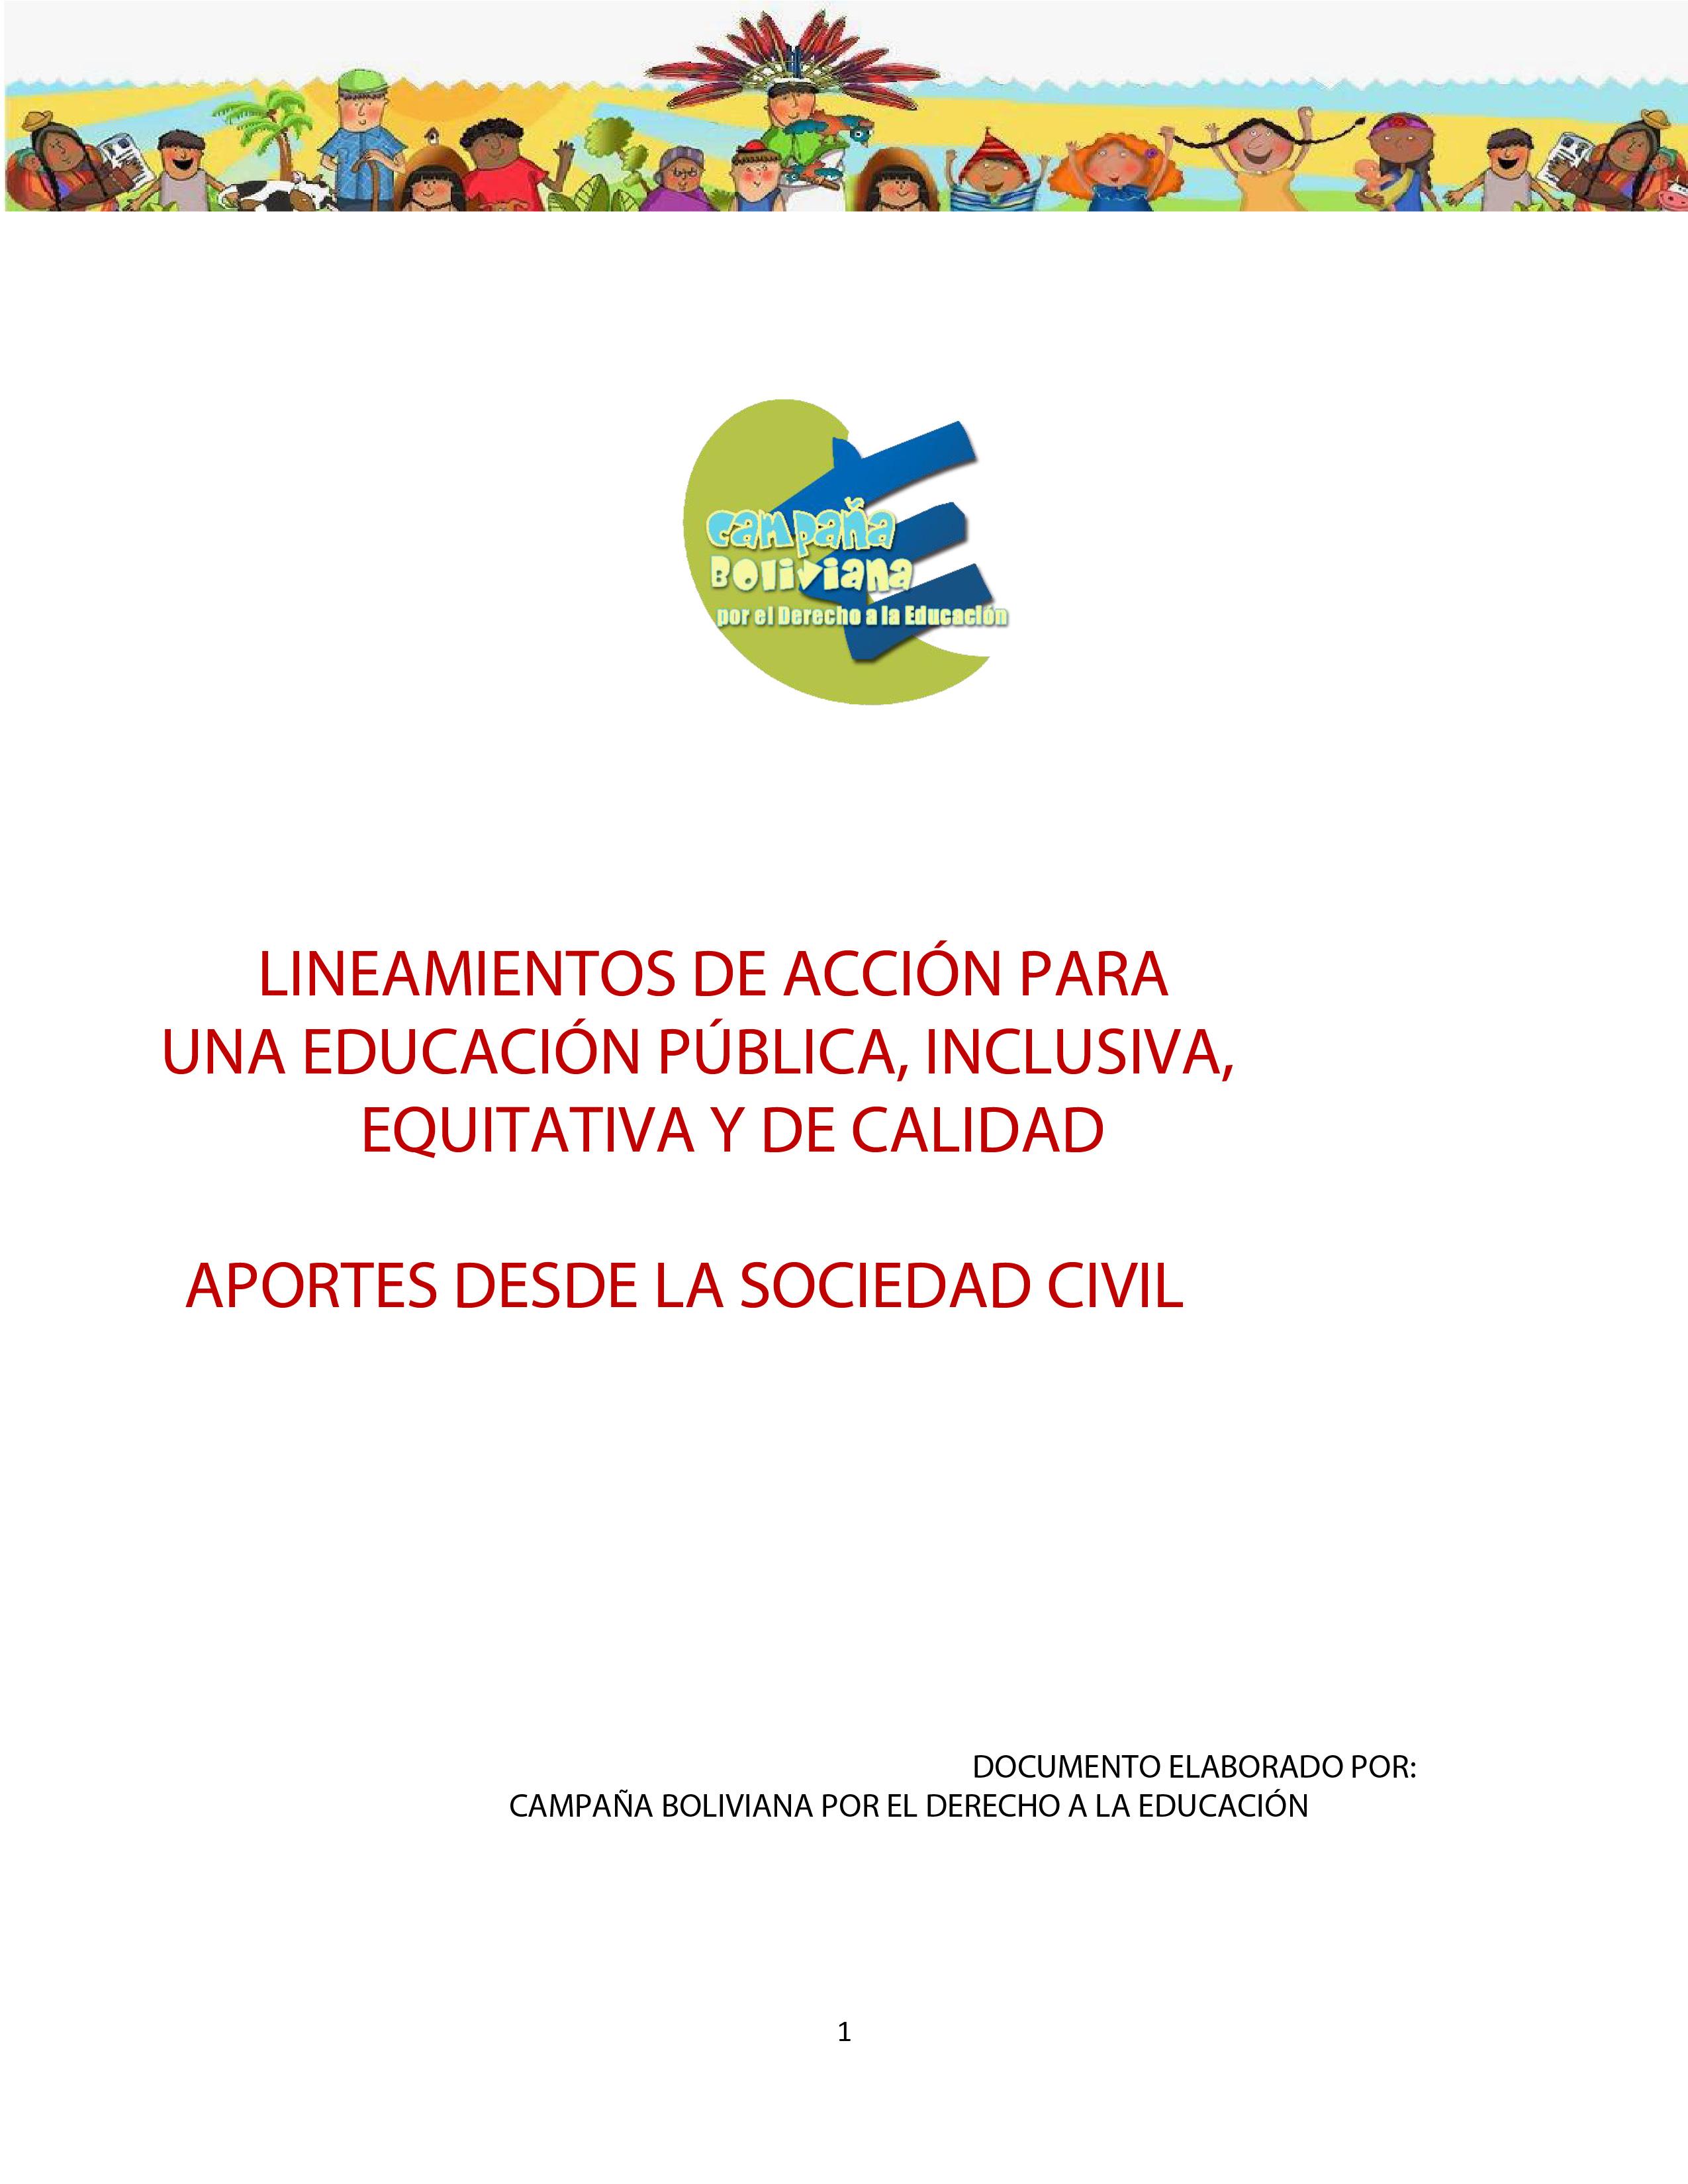 Lineamientos de Acción para una educación pública, inclusiva, equitativa y de calidad aportes desde la Sociedad Civil